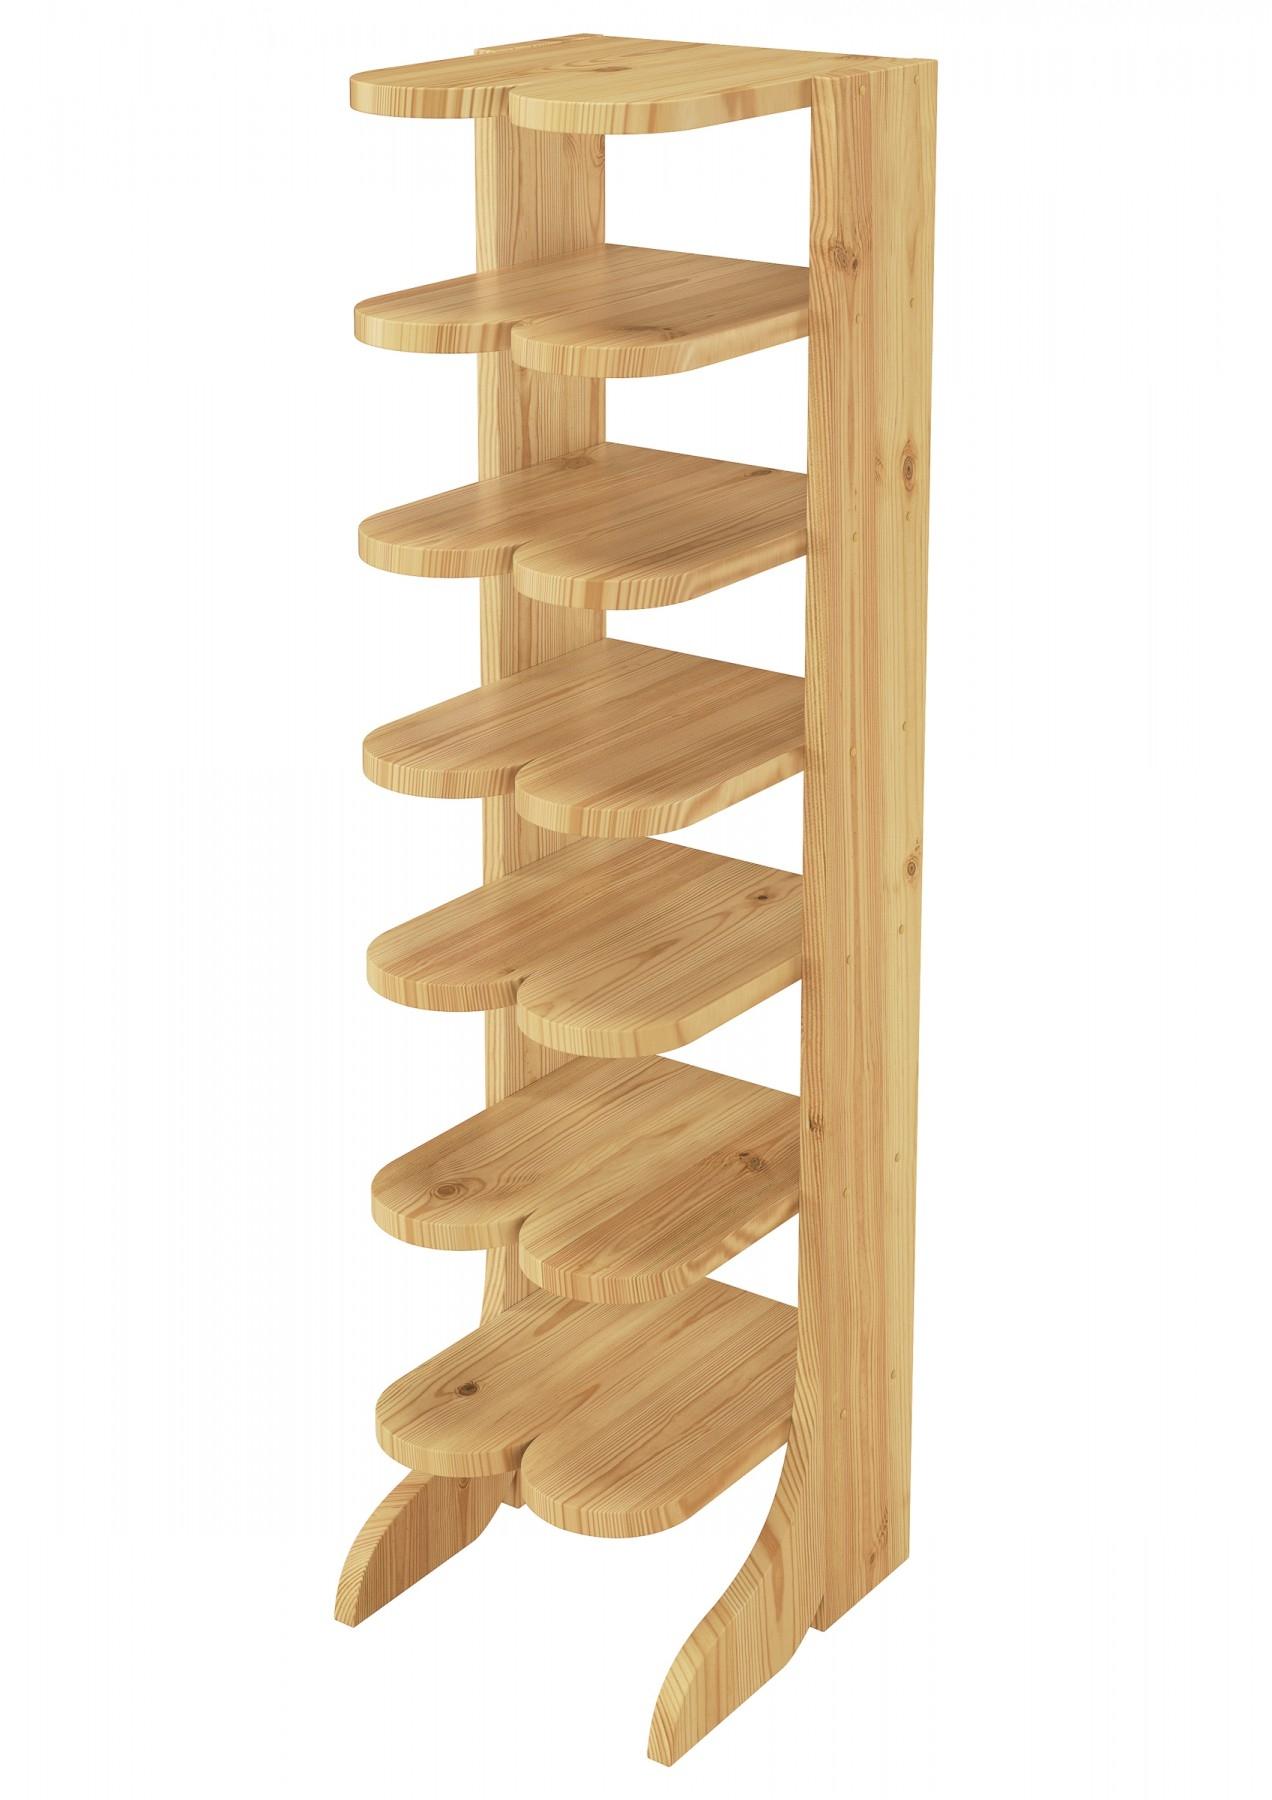 90.80-01 Doppel-Schuhregal Schuhst/änder Holz Stiefelform